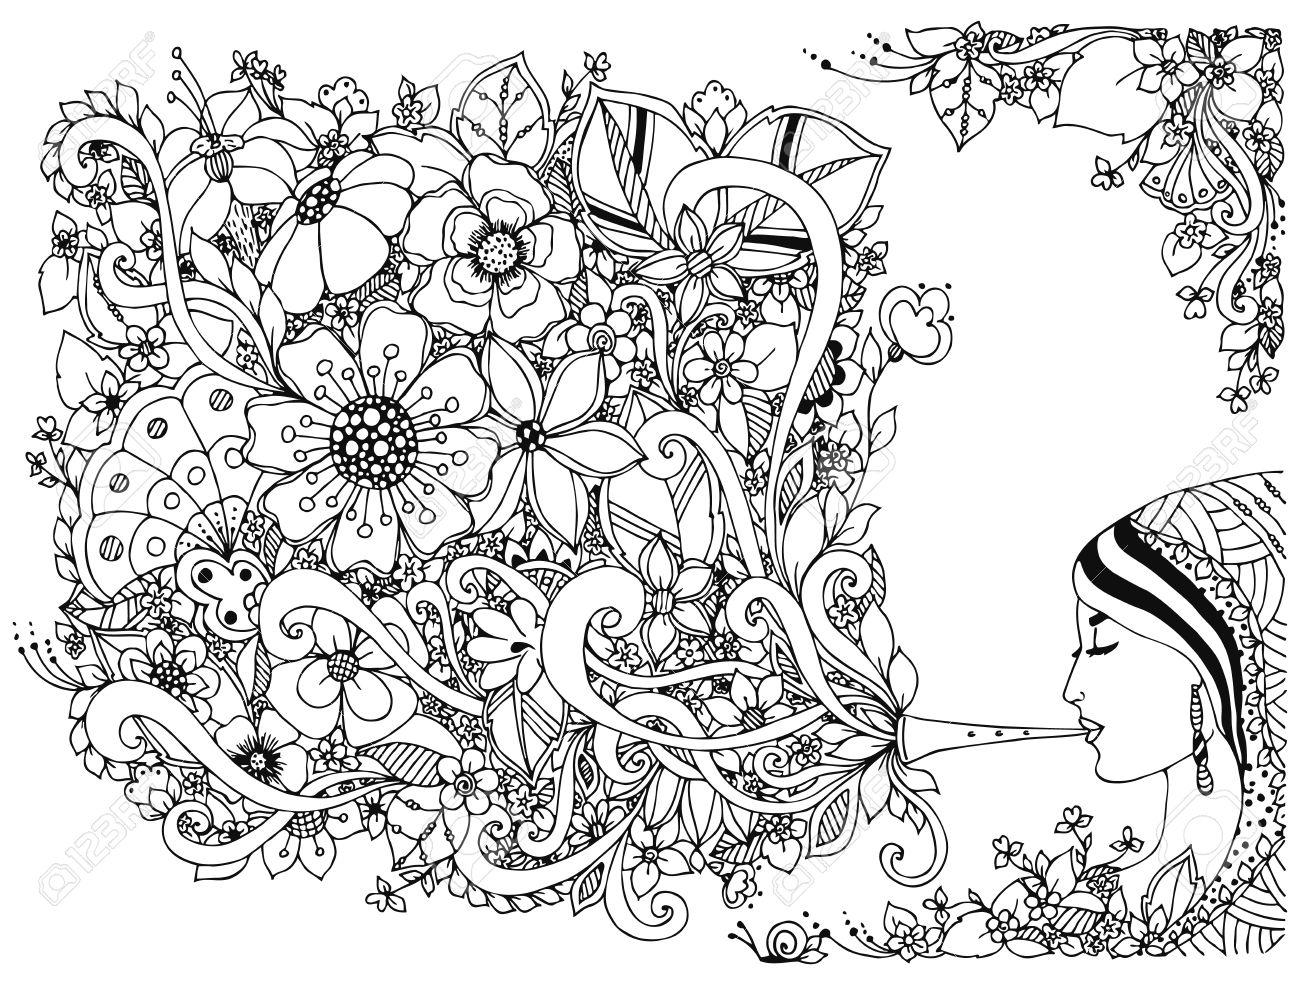 Vector Illustration Femme Fille Et De La Flûte Avec Des Fleurs Coloriage Anti Stress Noir Et Blanc Adulte Livres à Colorier Instrument De